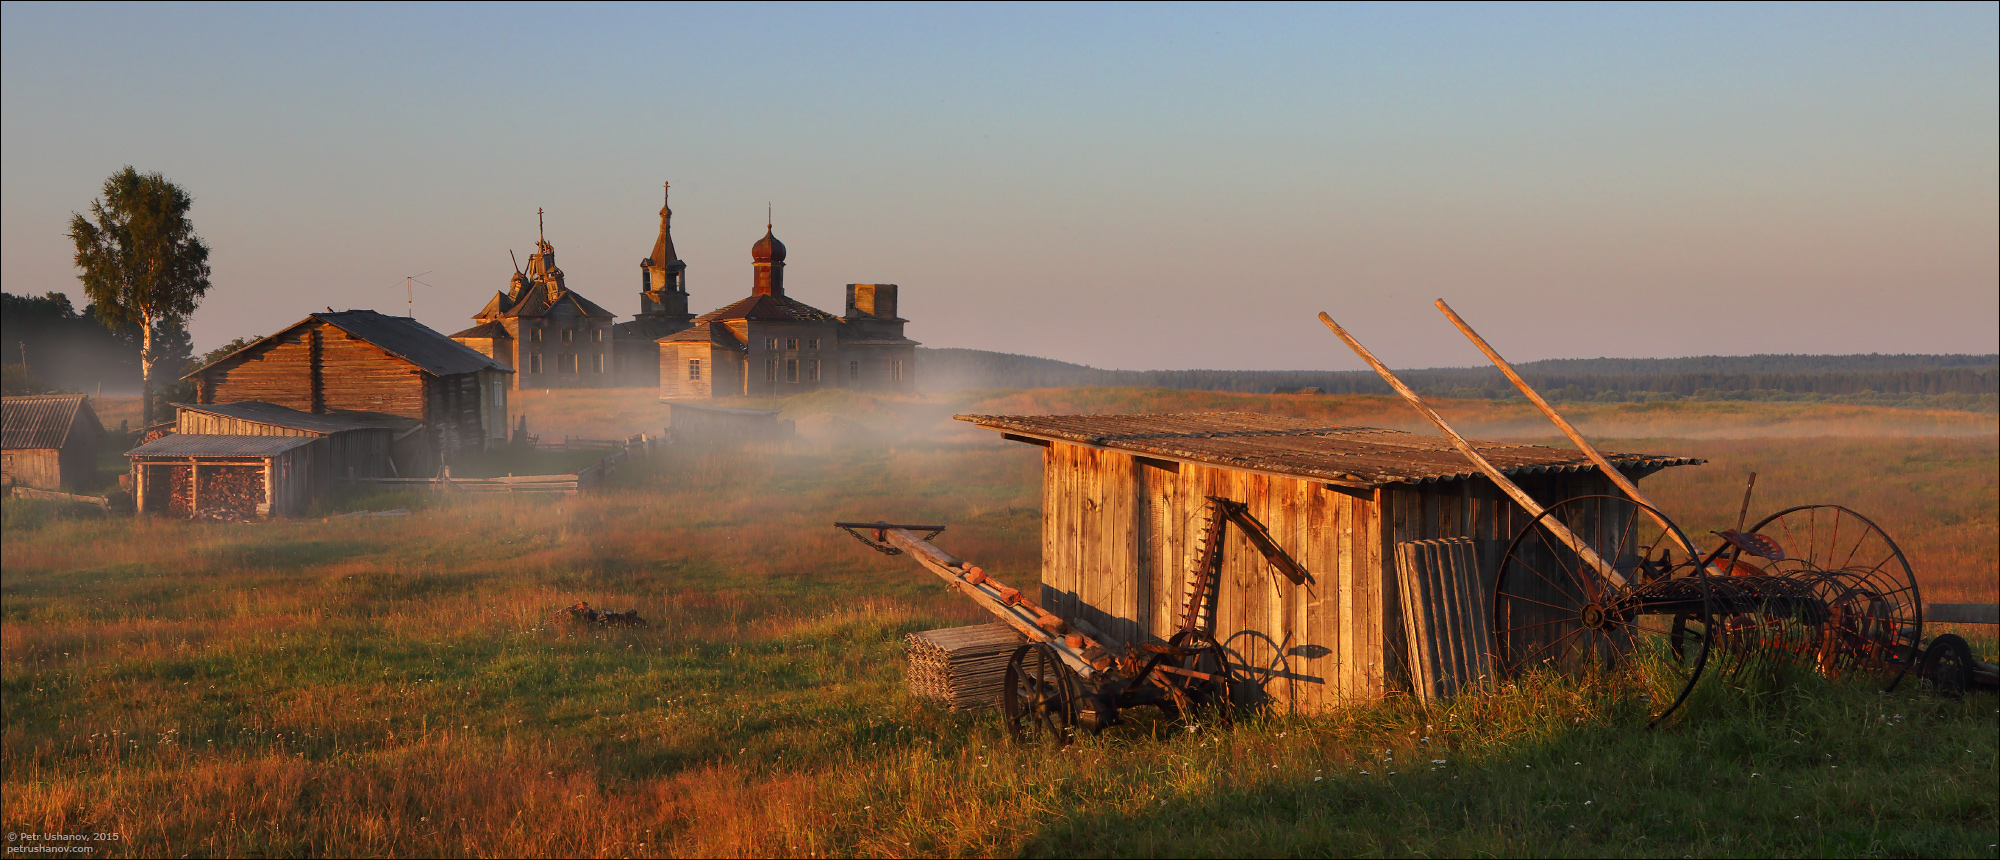 Шотогорка и Чикинская — Две деревни на Пинеге